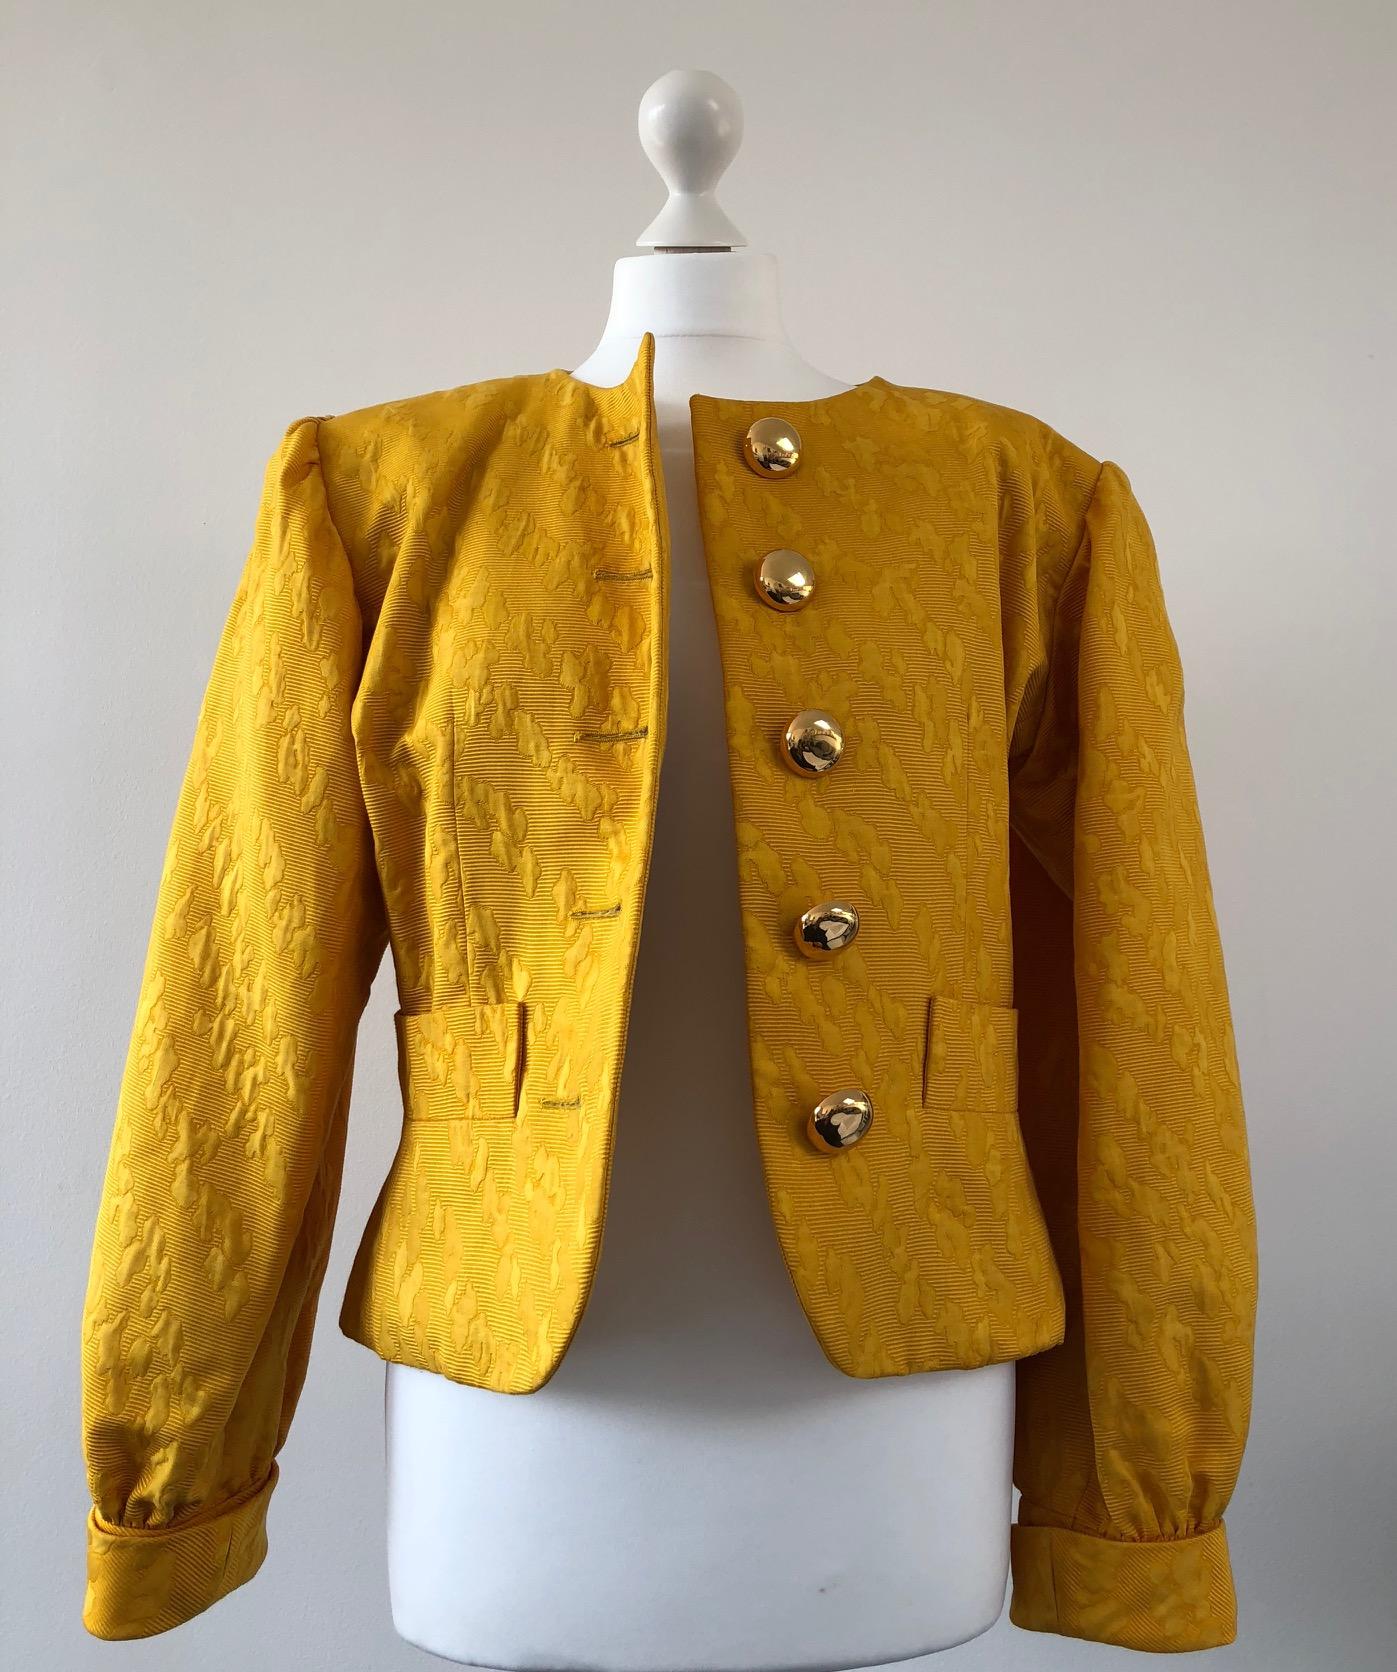 Ysl Yves Saint Laurent Yellow Goldish Luxury Damask Jacket